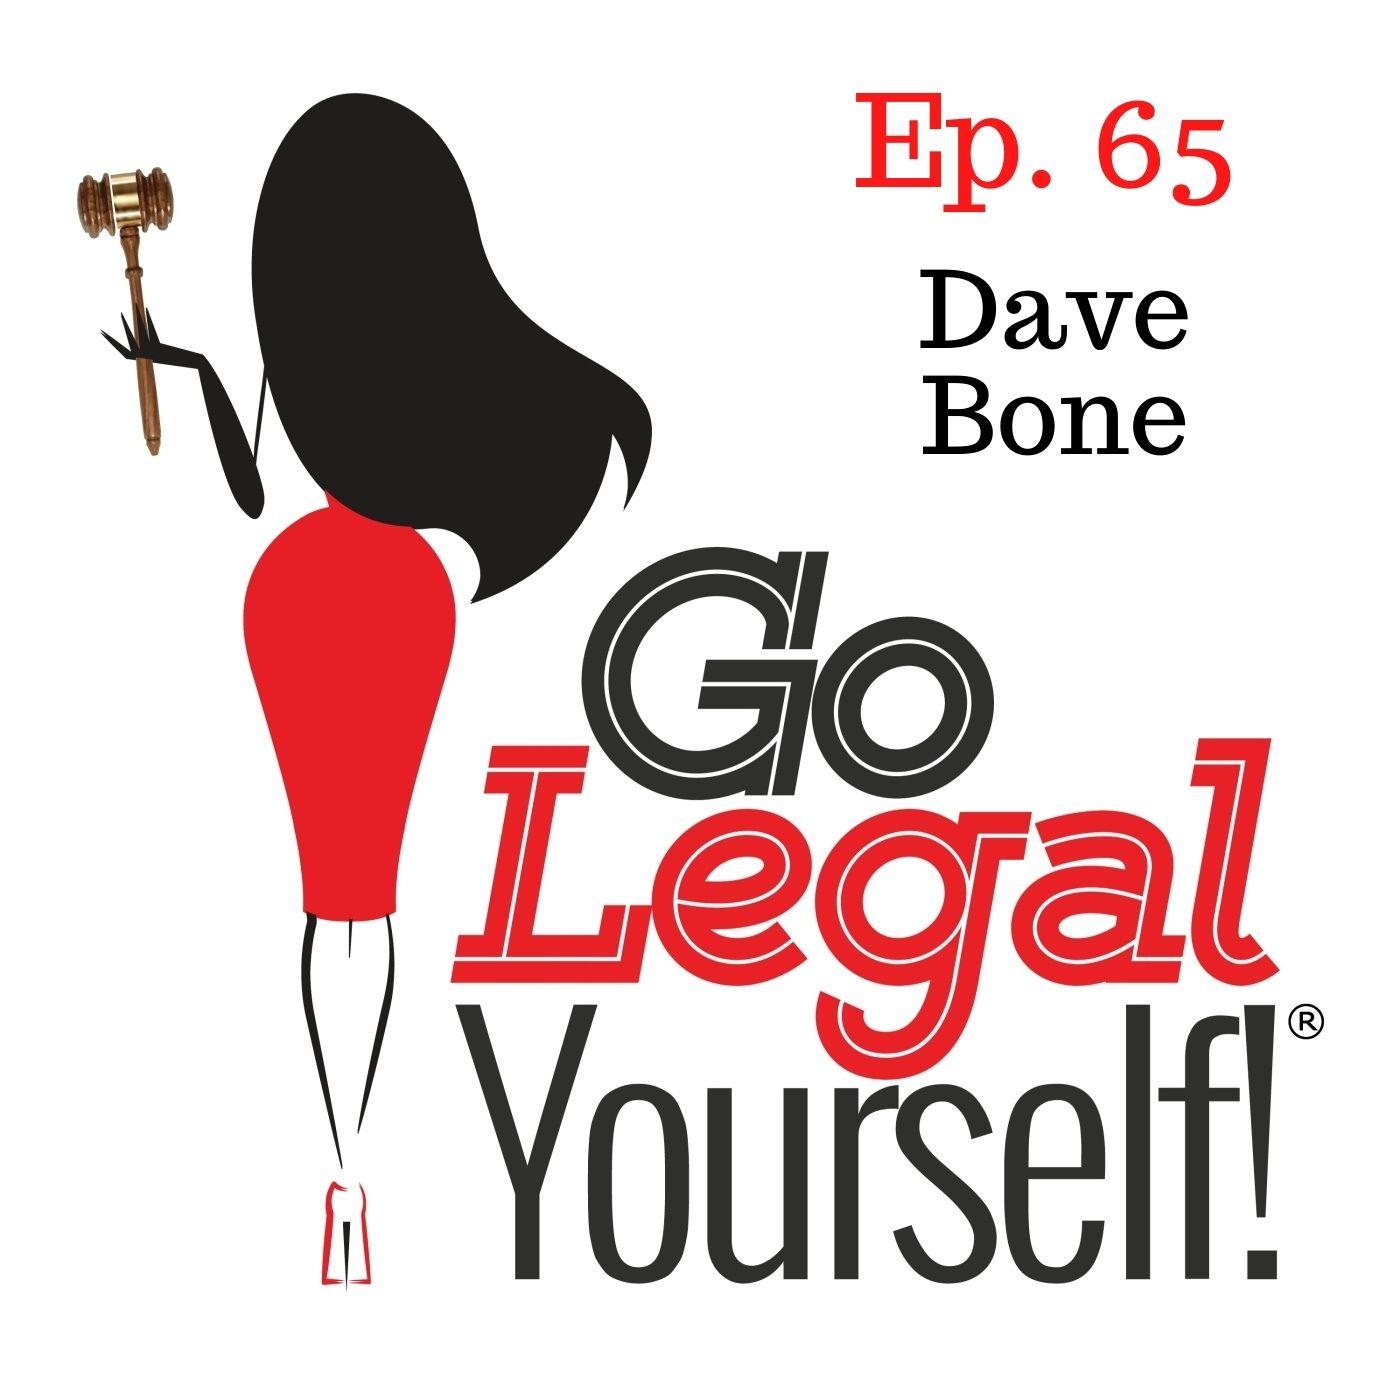 Ep. 65 Dave Bone: Solo Entrepreneur